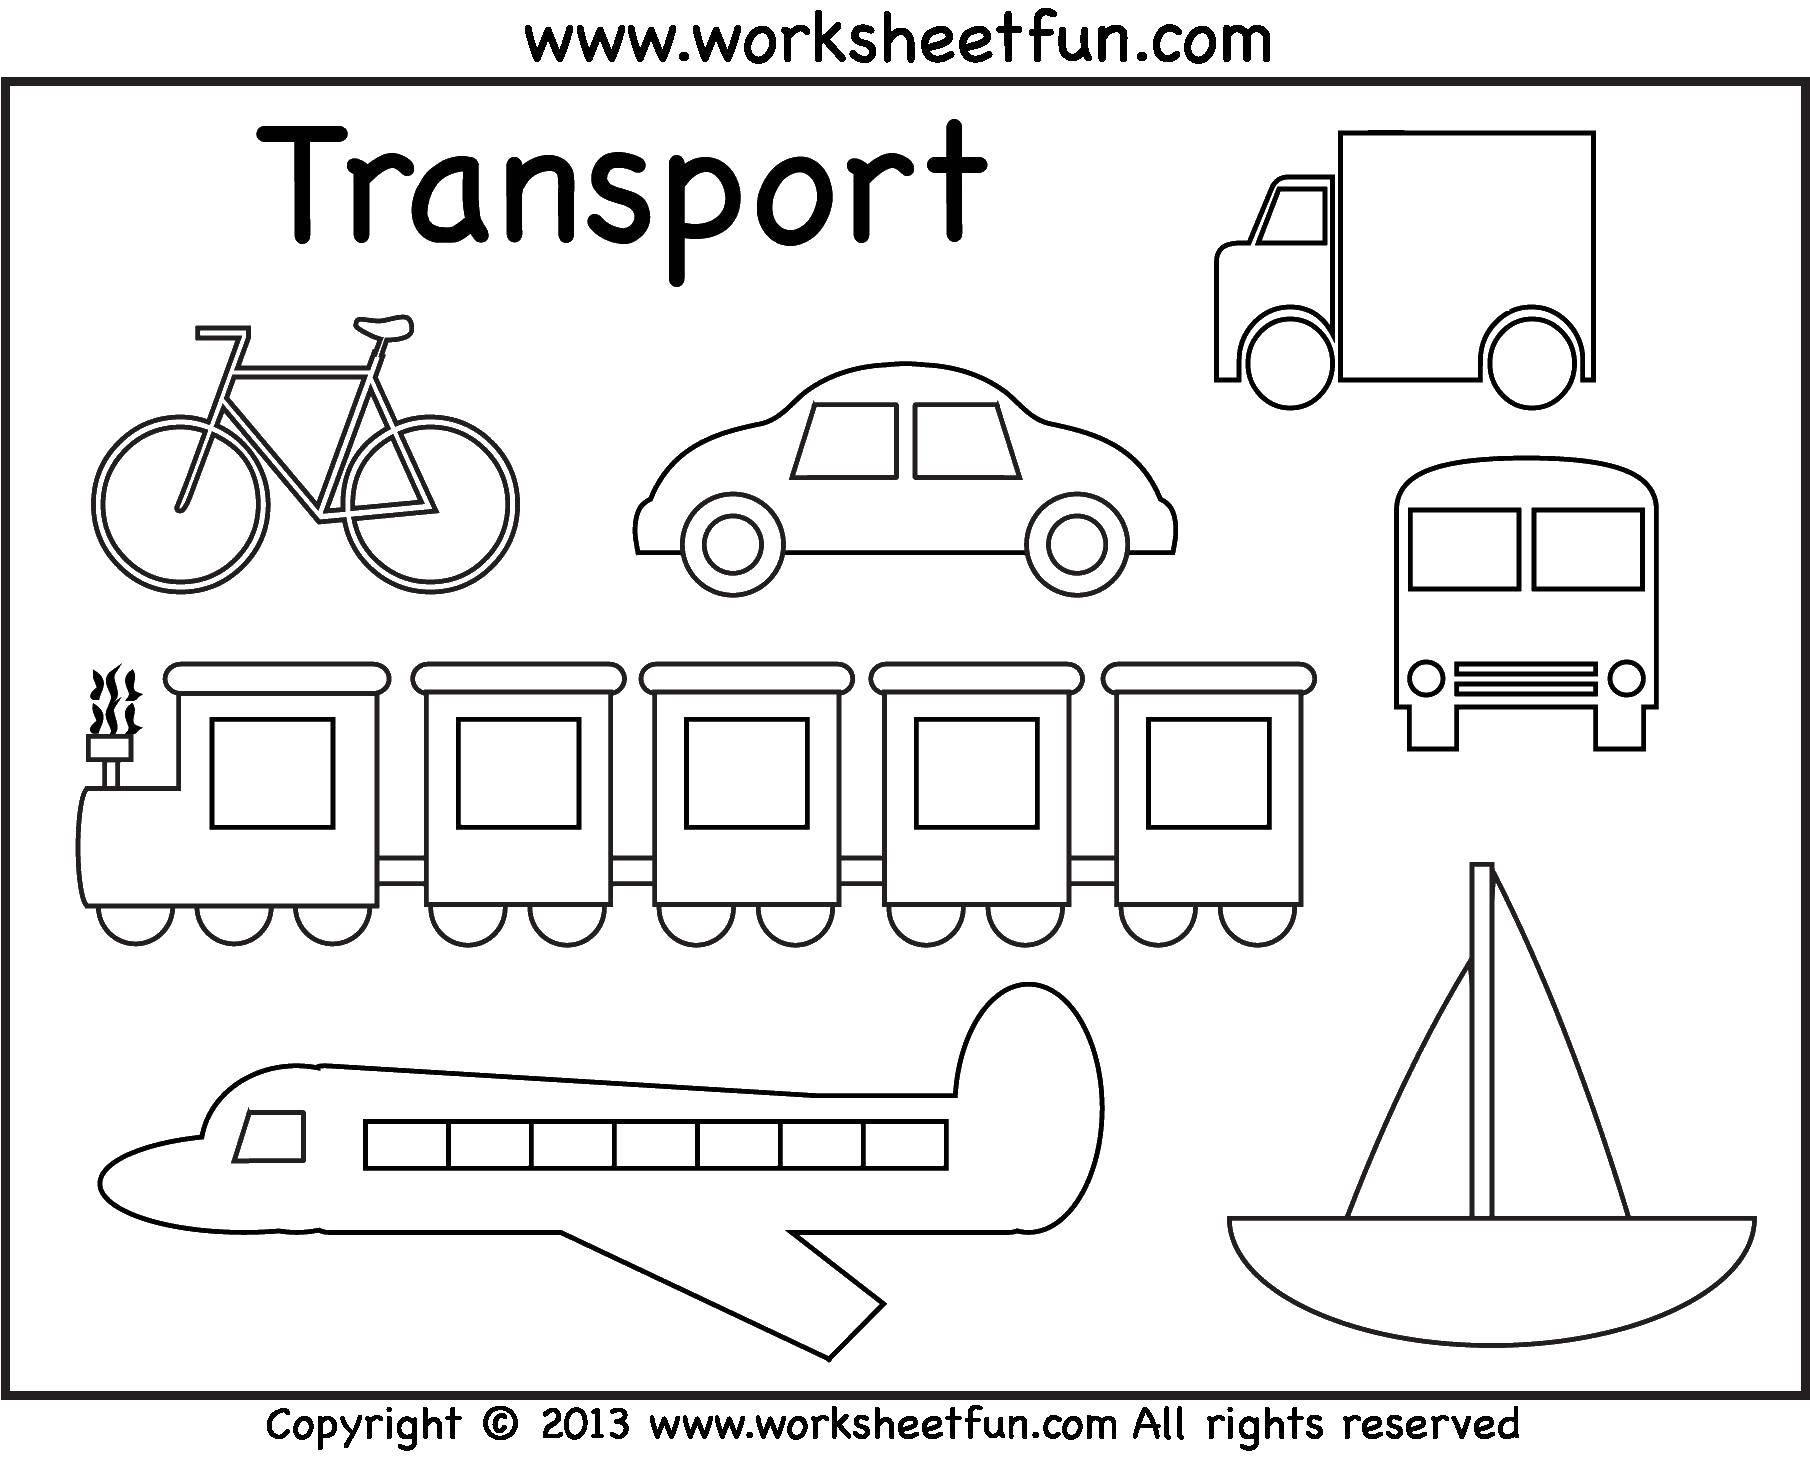 Раскраска Различный транспорт Скачать транспорт, машины, самолеты, корабль.  Распечатать ,транспорт,